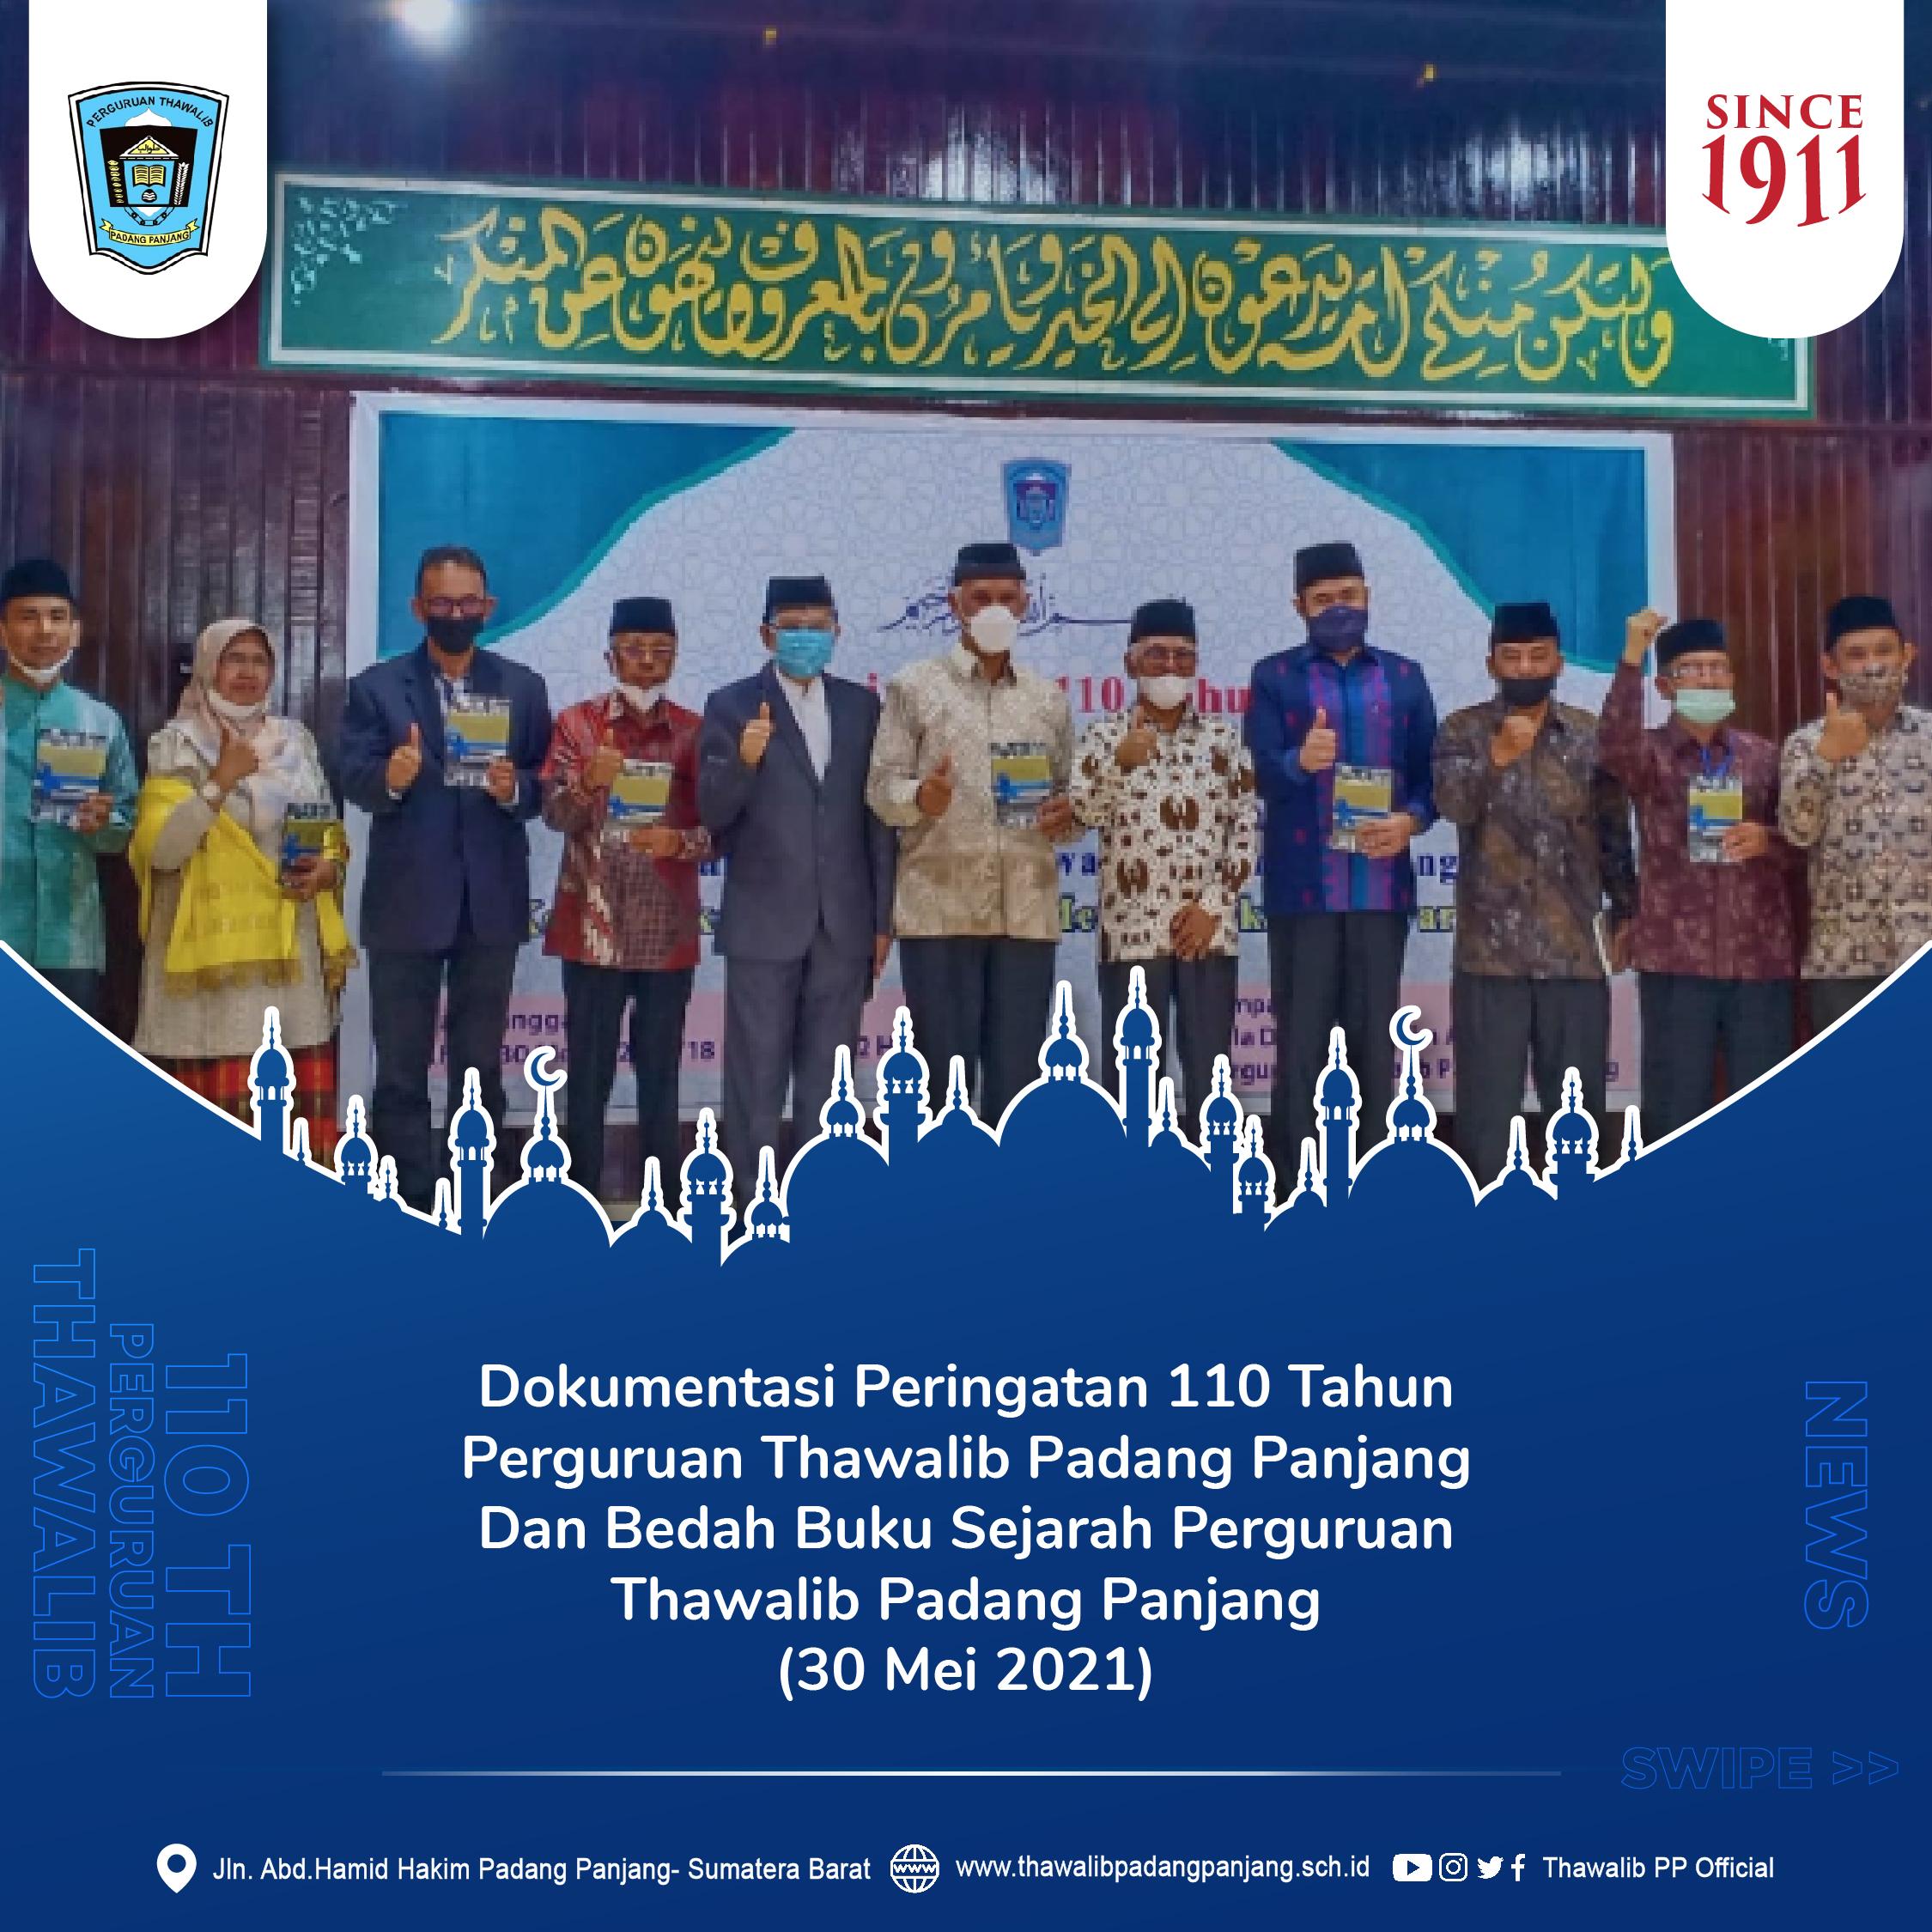 Dokumentasi Peringatan 110 Tahun Perguruan Thawalib Padang Panjang Dan Bedah Buku Sejarah Perguruan Thawalib  Padang Panjang ( 30 Mei 2021)